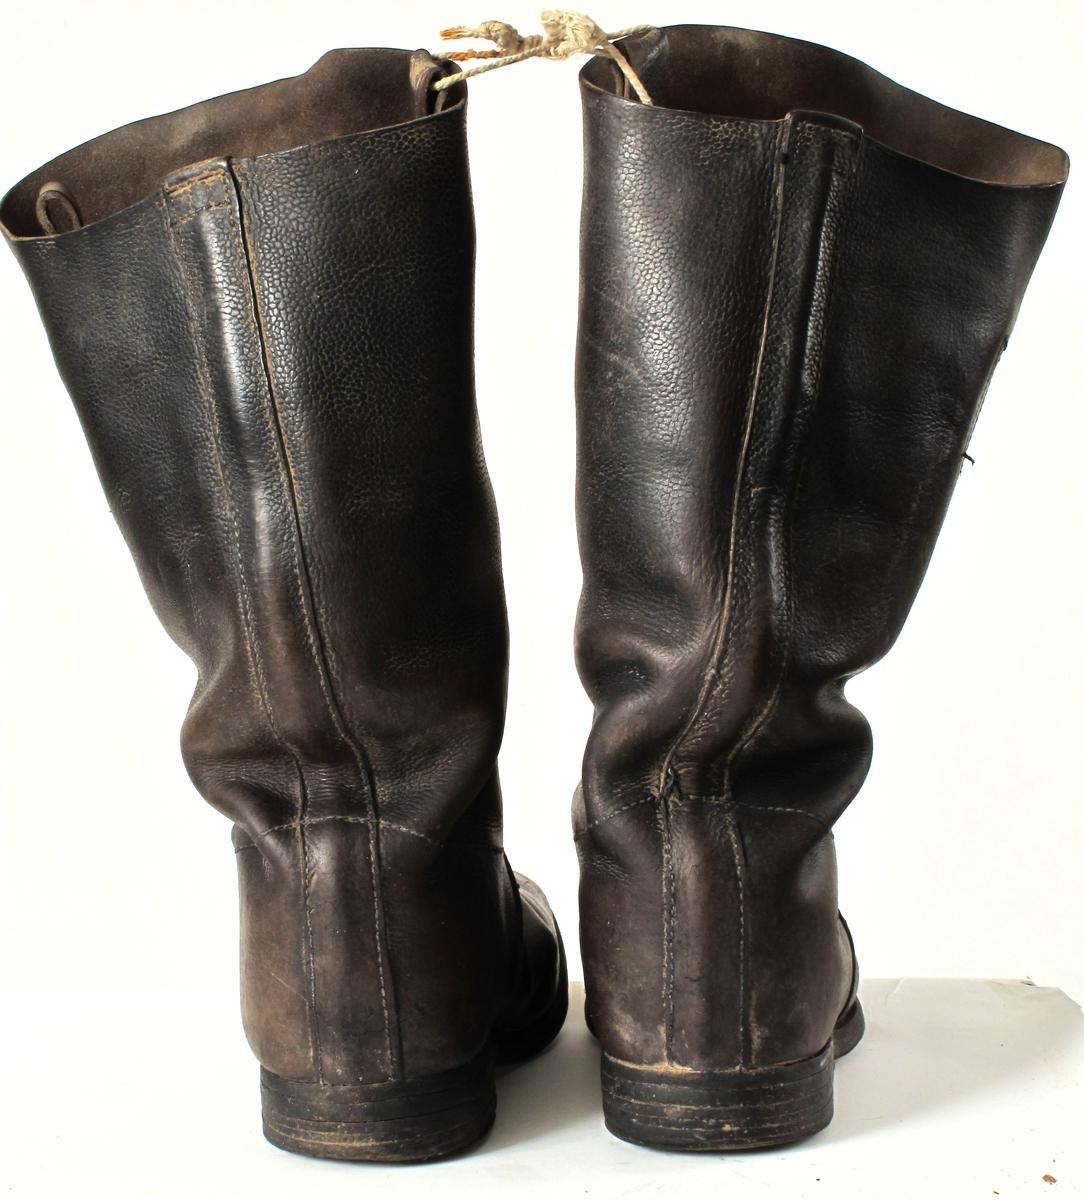 Lærstøvler m. vide støvleskaft.